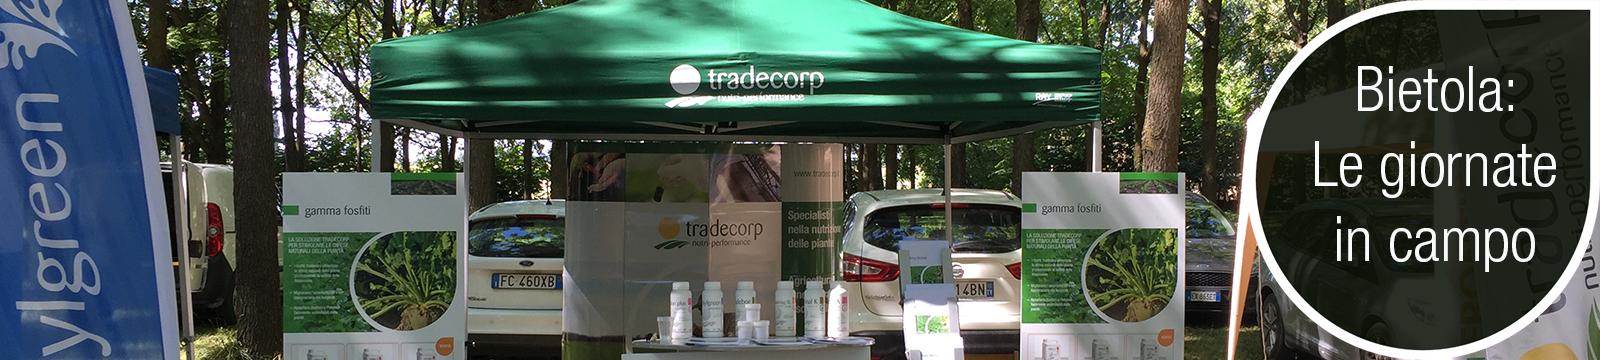 Tradecorp protagonista delle giornate in campo dedicate alla bietola